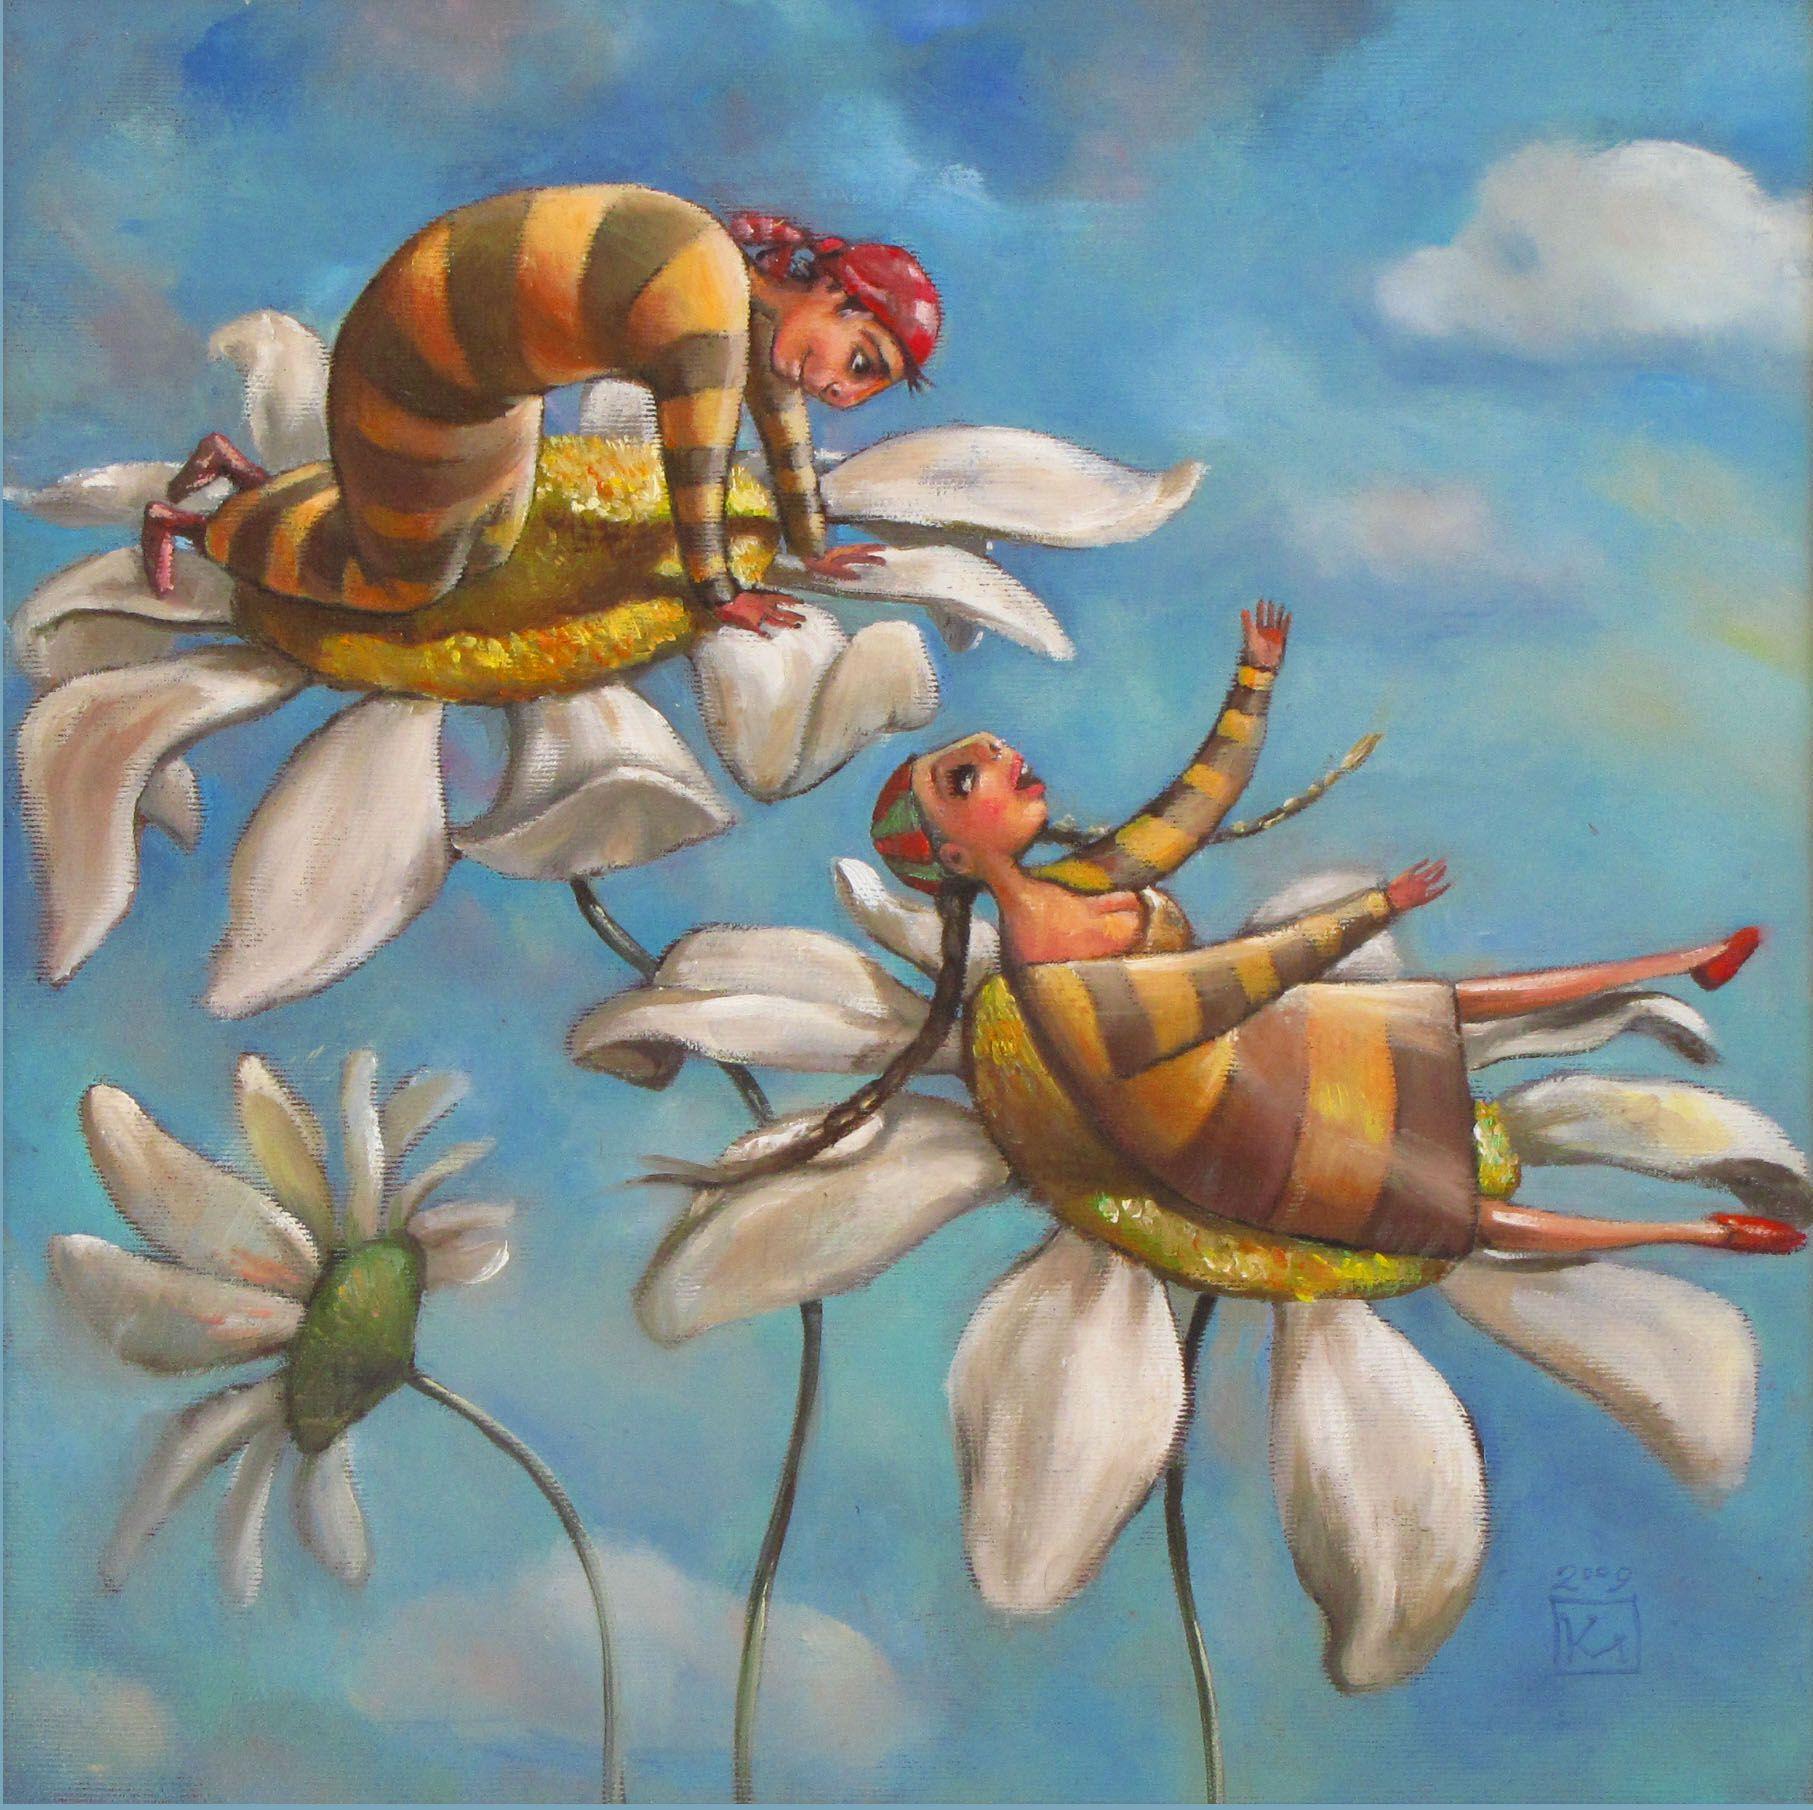 ≗ The Bee's Reverie ≗ Bee Daisies | Mariana Kalacheva